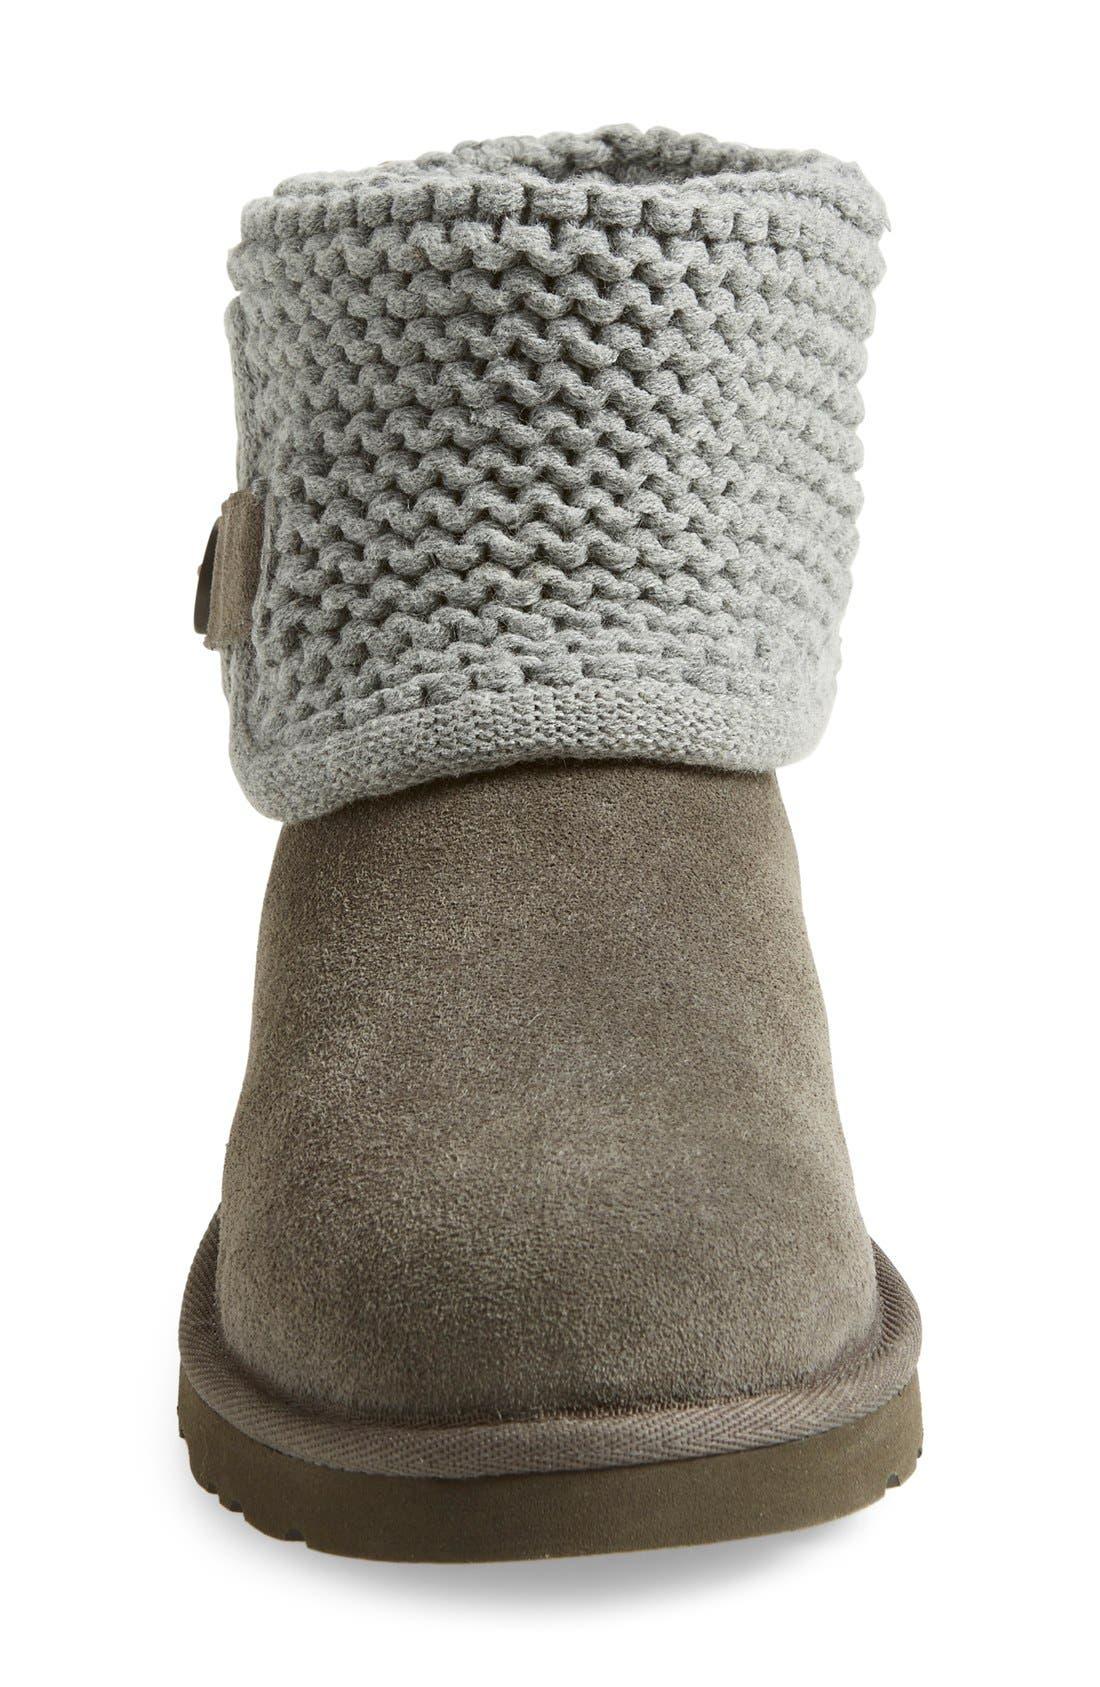 Alternate Image 3  - UGG® Darrah Purl Knit Cuff Boot (Little Kid & Big Kid)